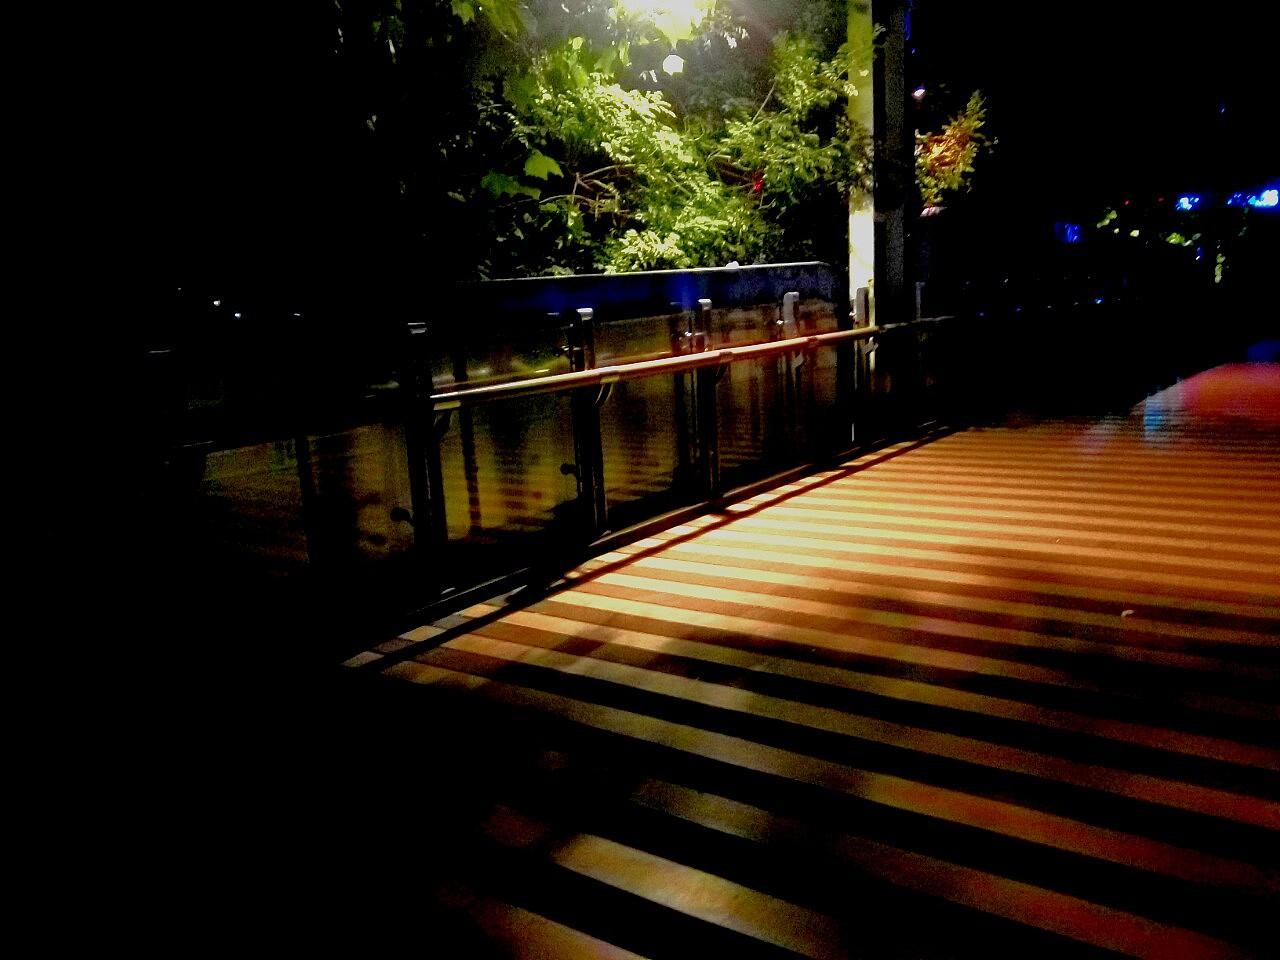 囹�a�i)�aj9.���jyf�x�_霓虹天桥|摄影|环境/建筑|樱月舞囹 - 原创作品